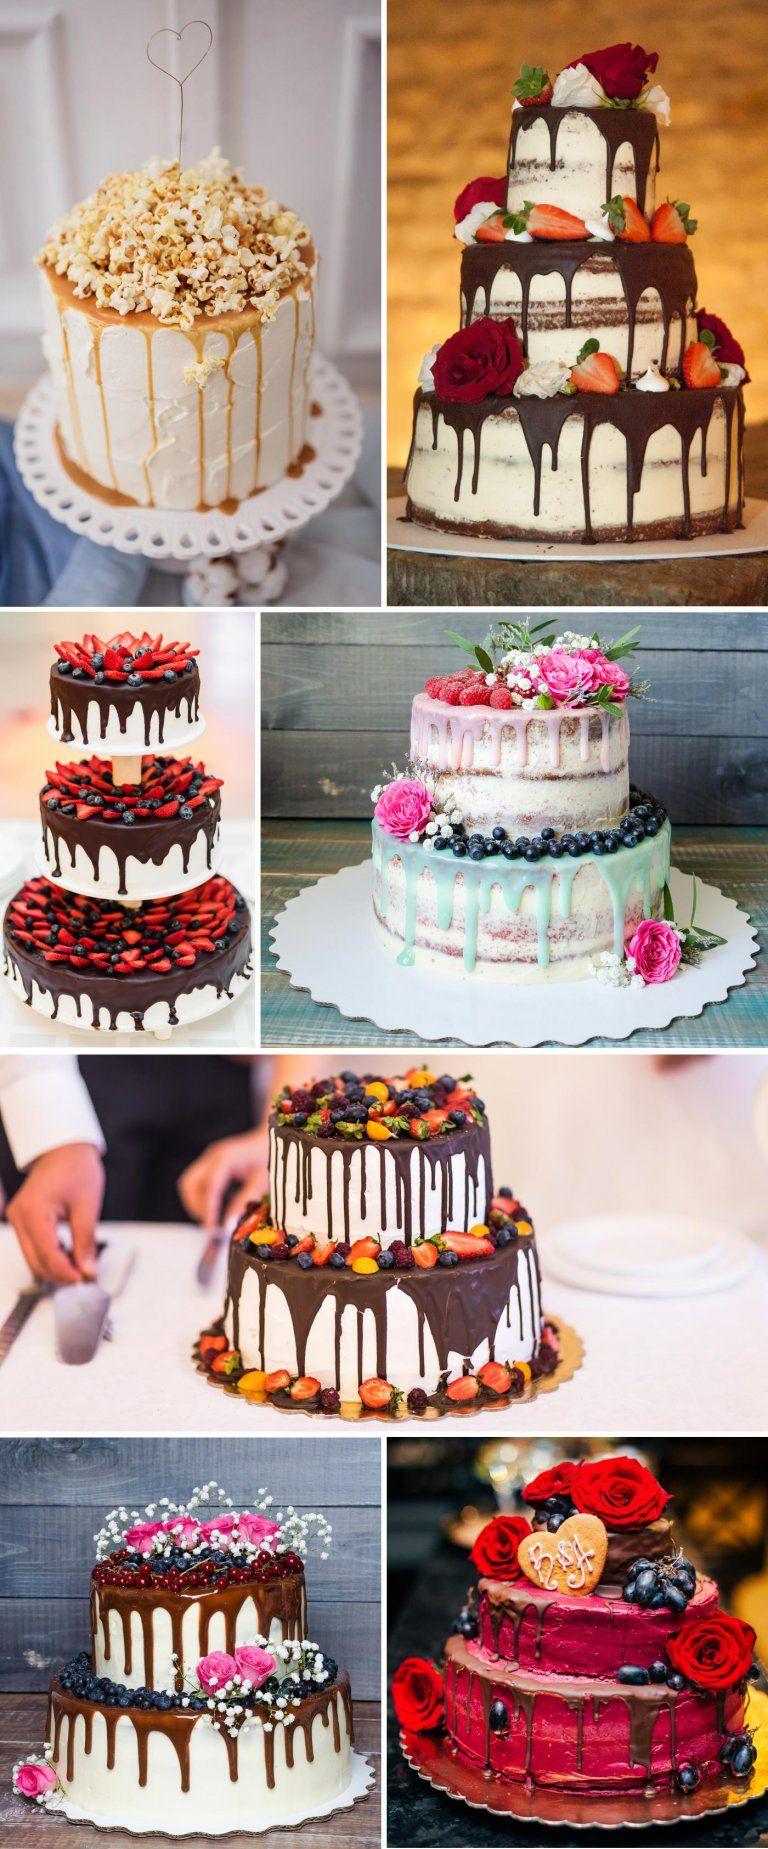 Drip Cake Zur Hochzeit Hochzeitstorte Pinterest Cake Wedding